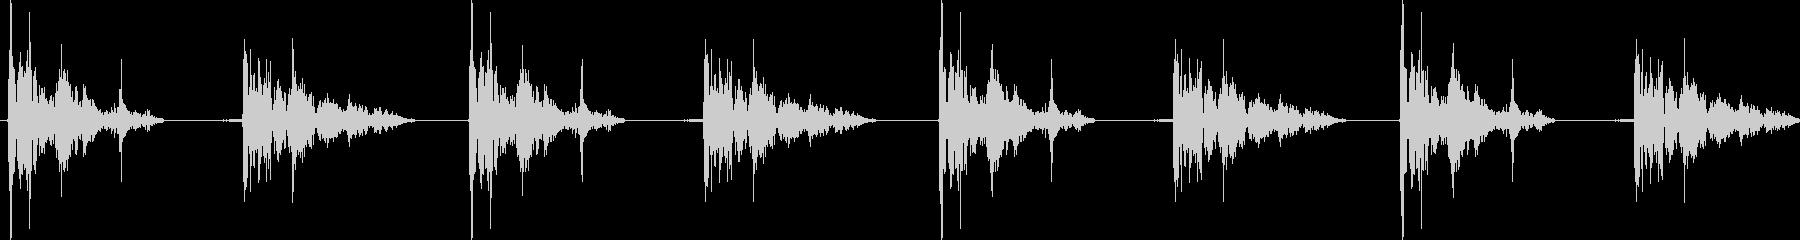 巨大なロボットの足音:重い衝撃、A...の未再生の波形